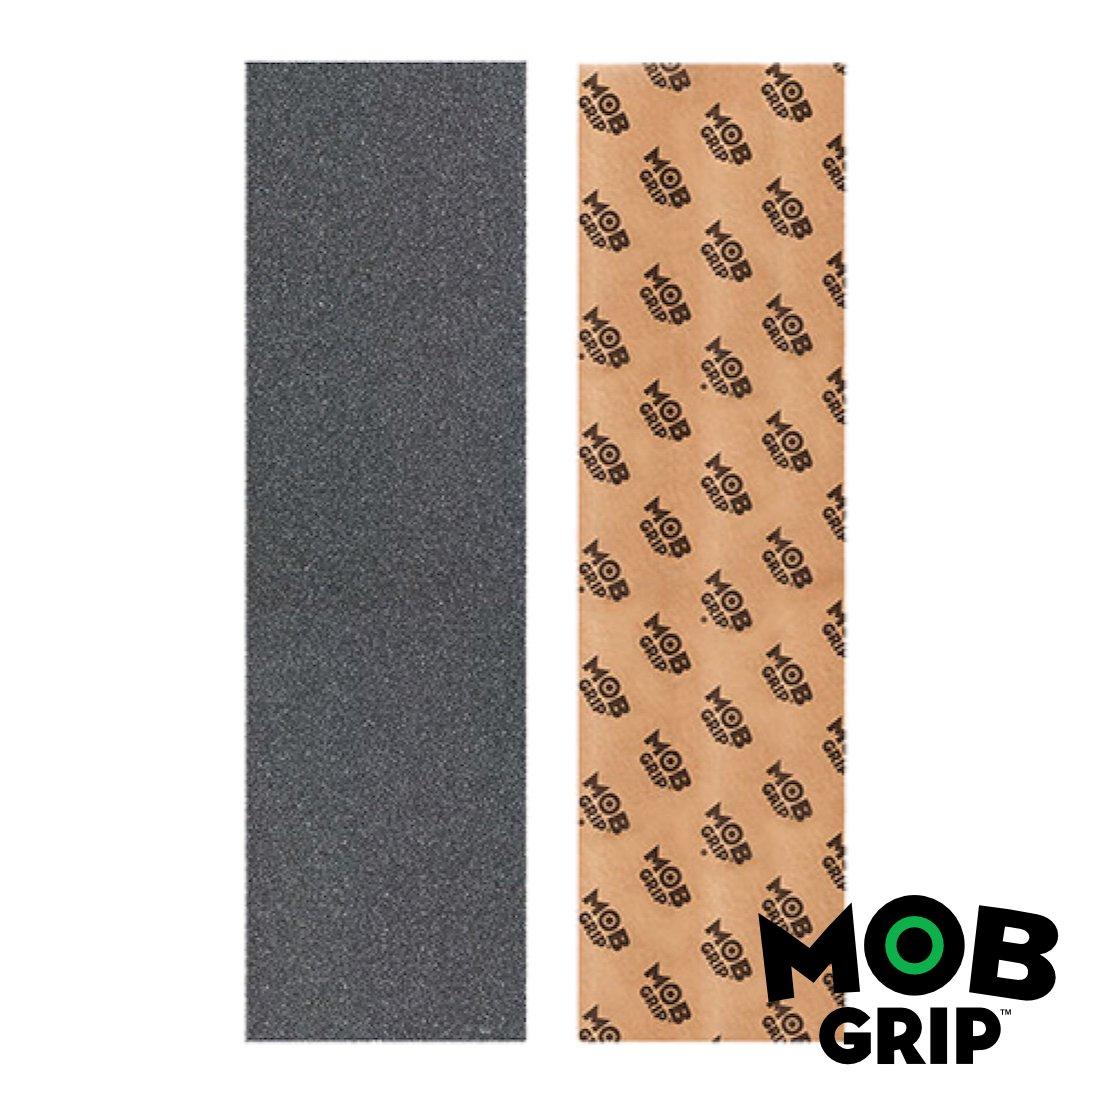 【Mob Grip】Standard Grip Tape